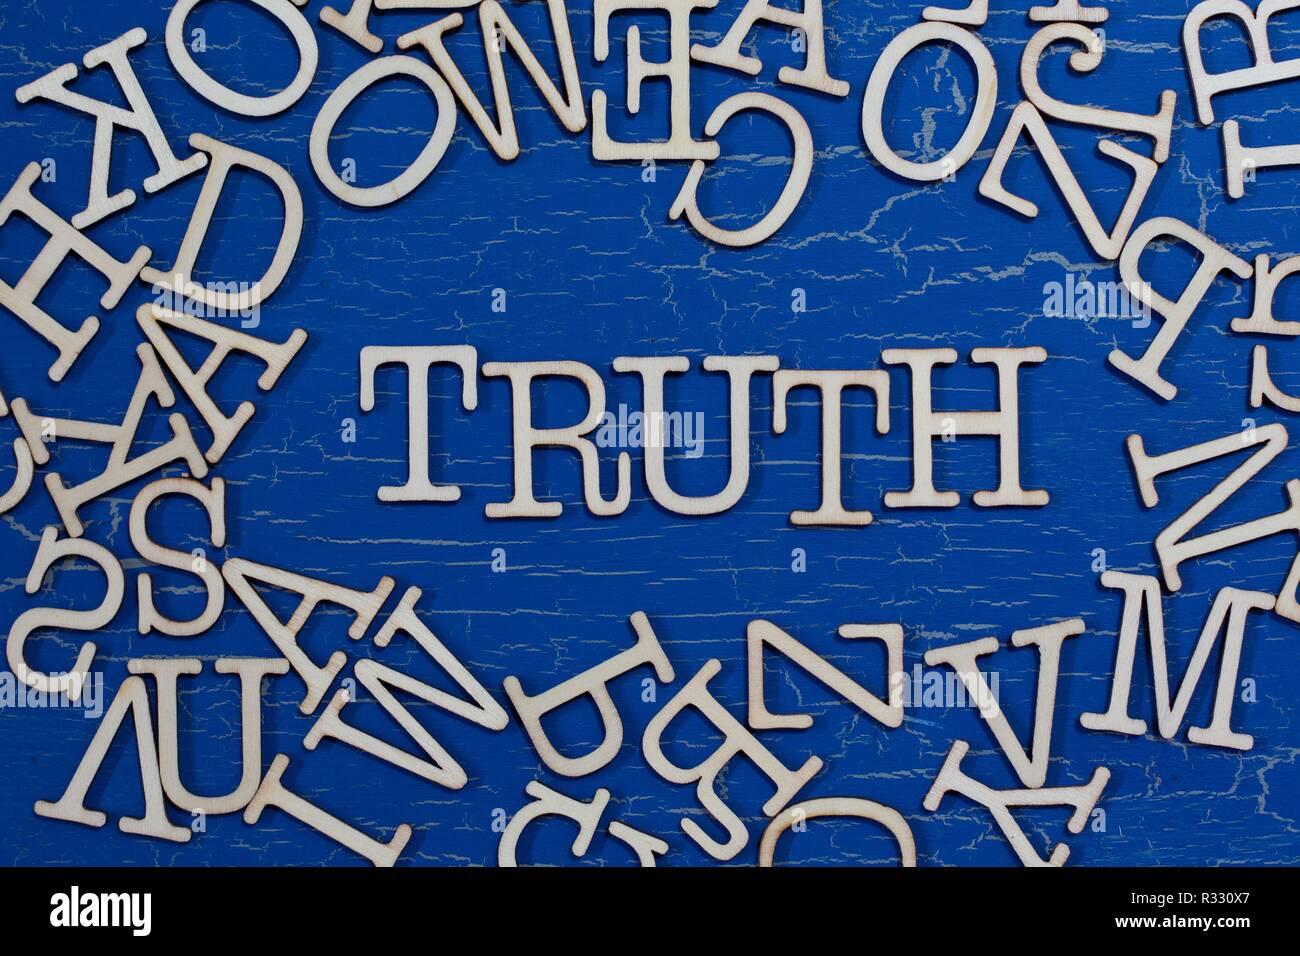 """La parola """"verità"""" enunciato tra una ridda di lettere. Immagini Stock"""